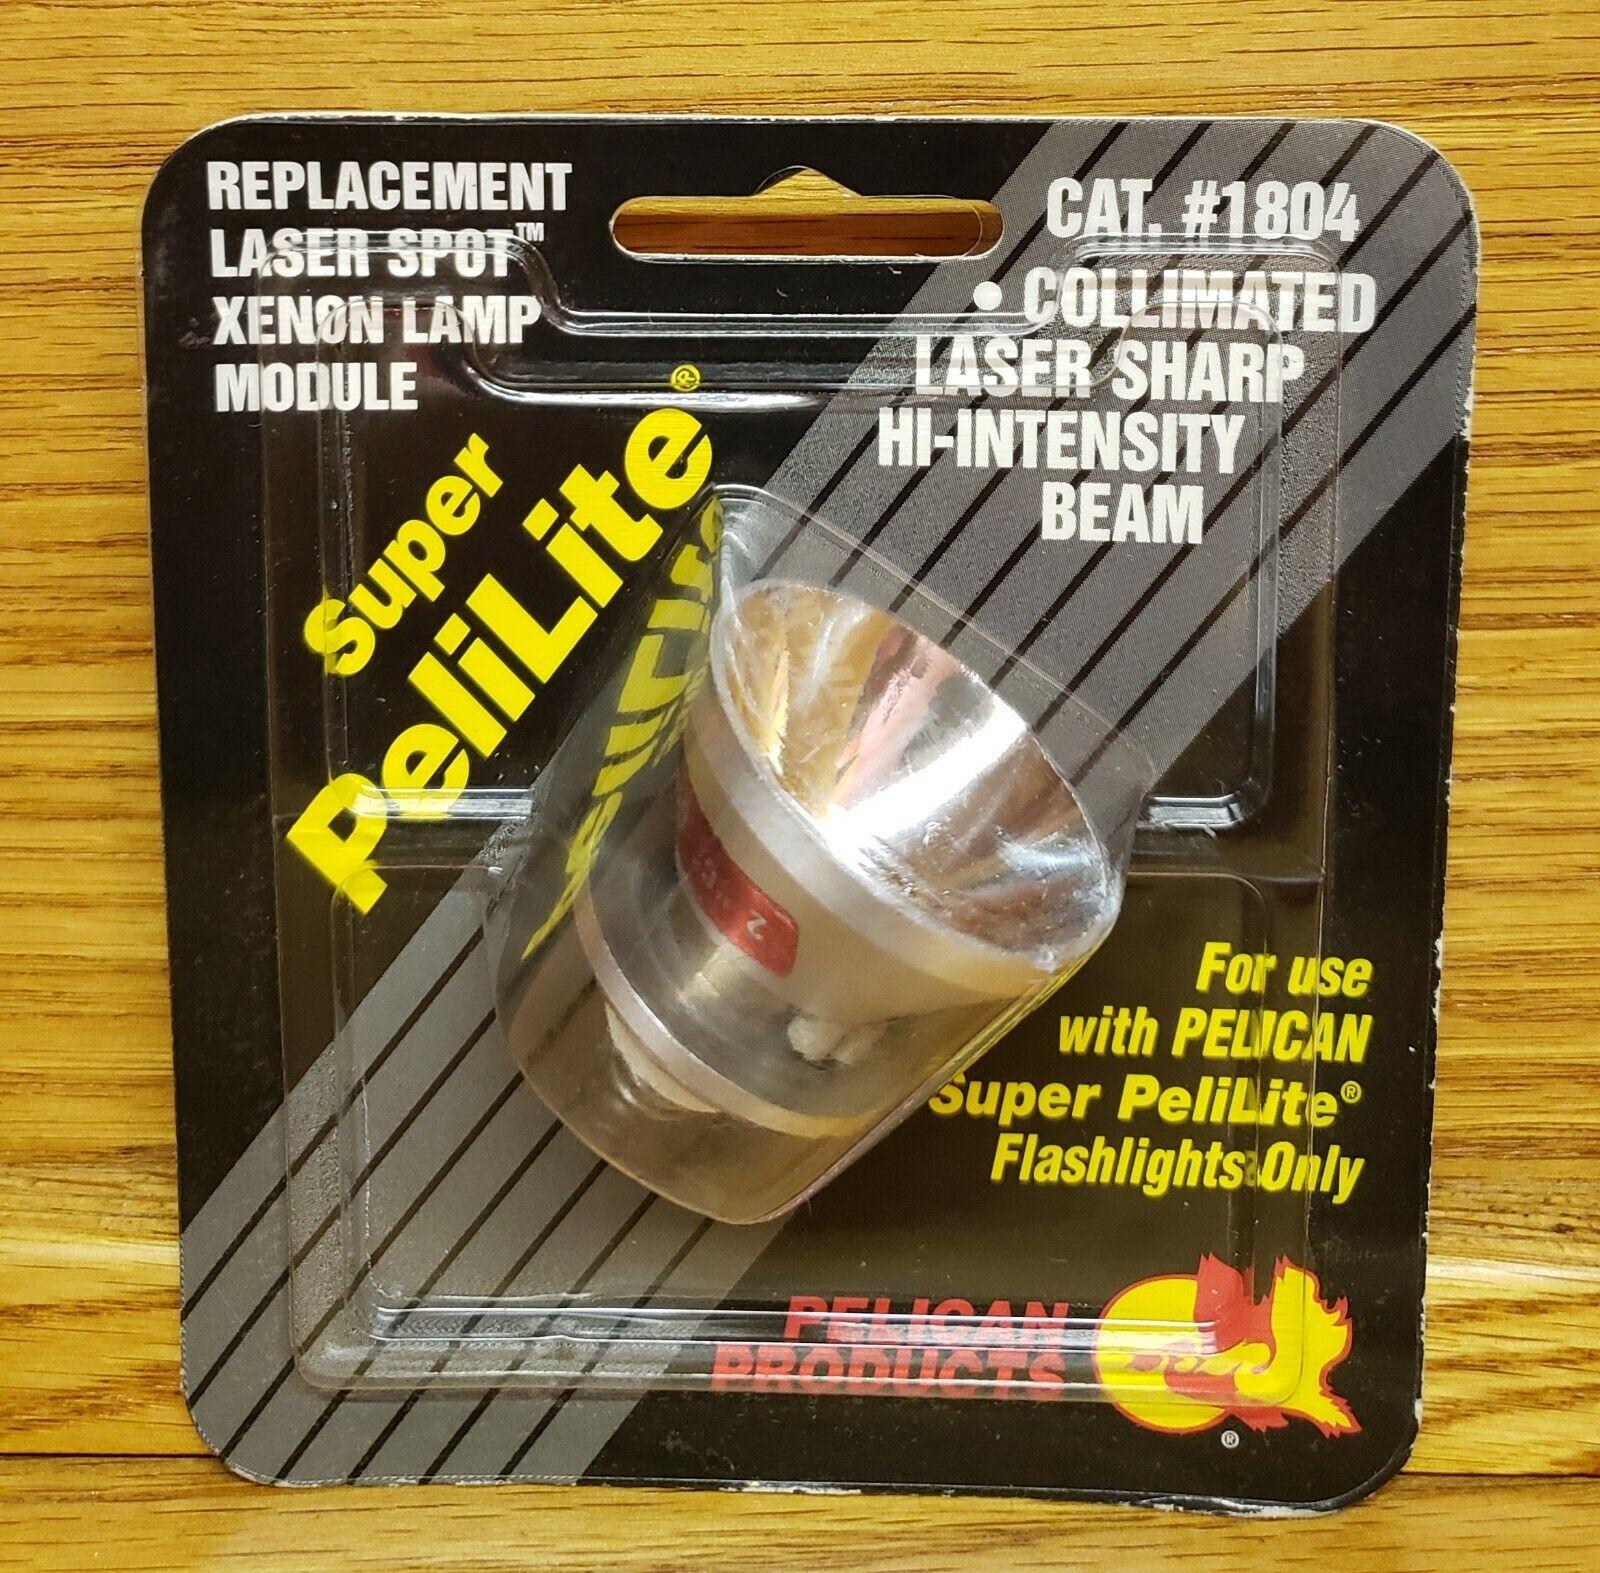 super PeliLite Pelican #1804 Remplacement Laser Spot Lampe Au Xénon Module